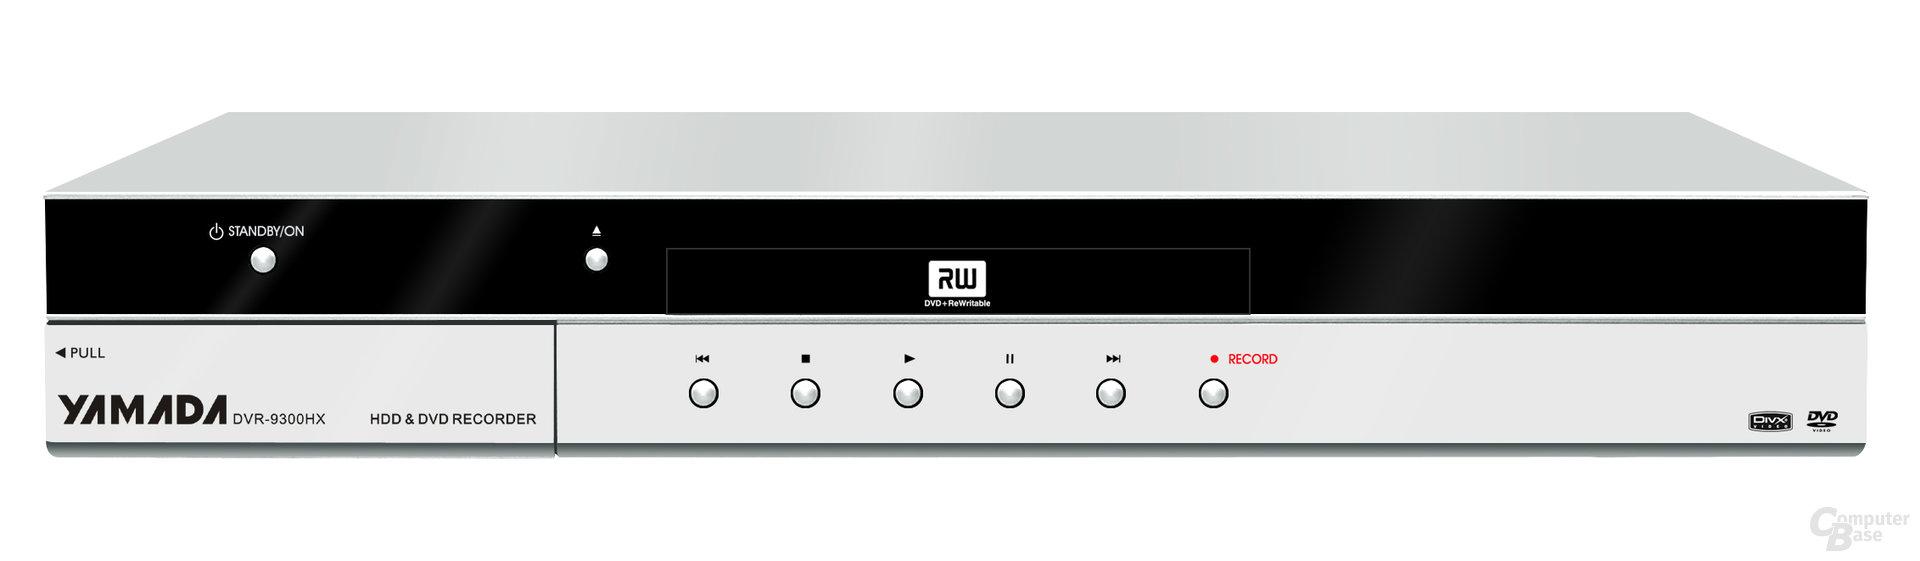 Yamada DVR-9300HX von Umax